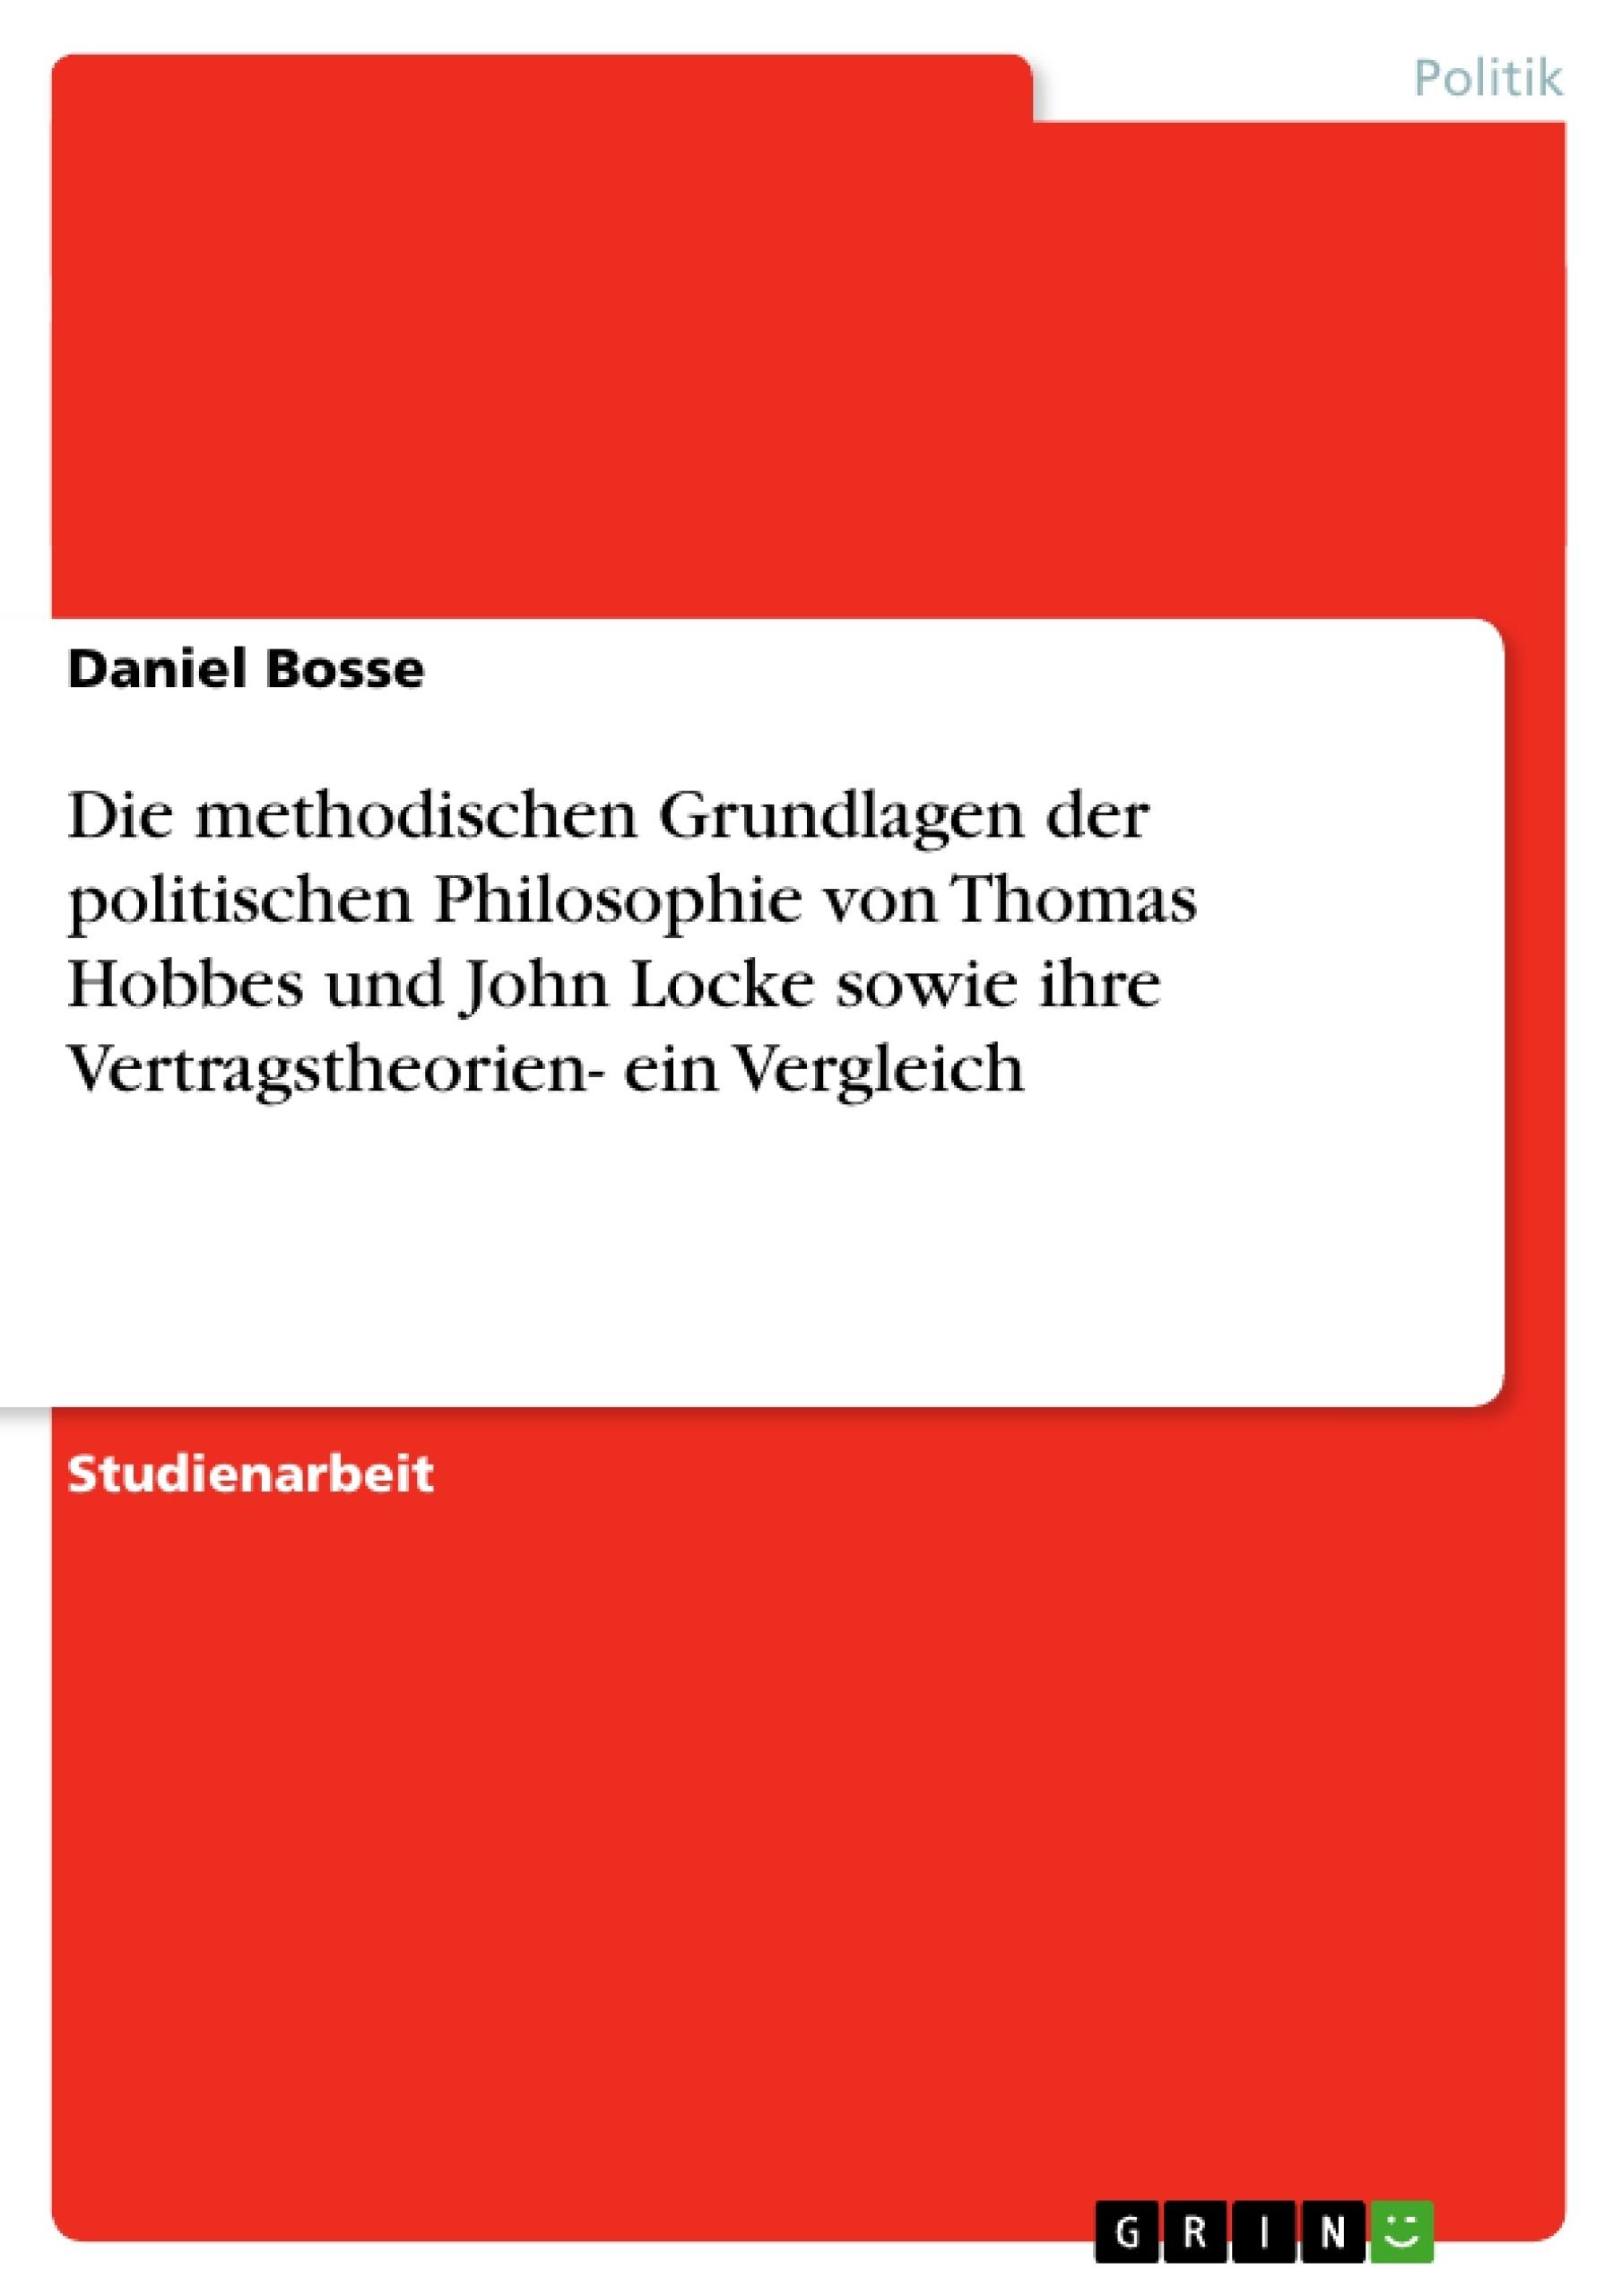 Titel: Die methodischen Grundlagen der politischen Philosophie von Thomas Hobbes und John Locke sowie ihre Vertragstheorien- ein Vergleich